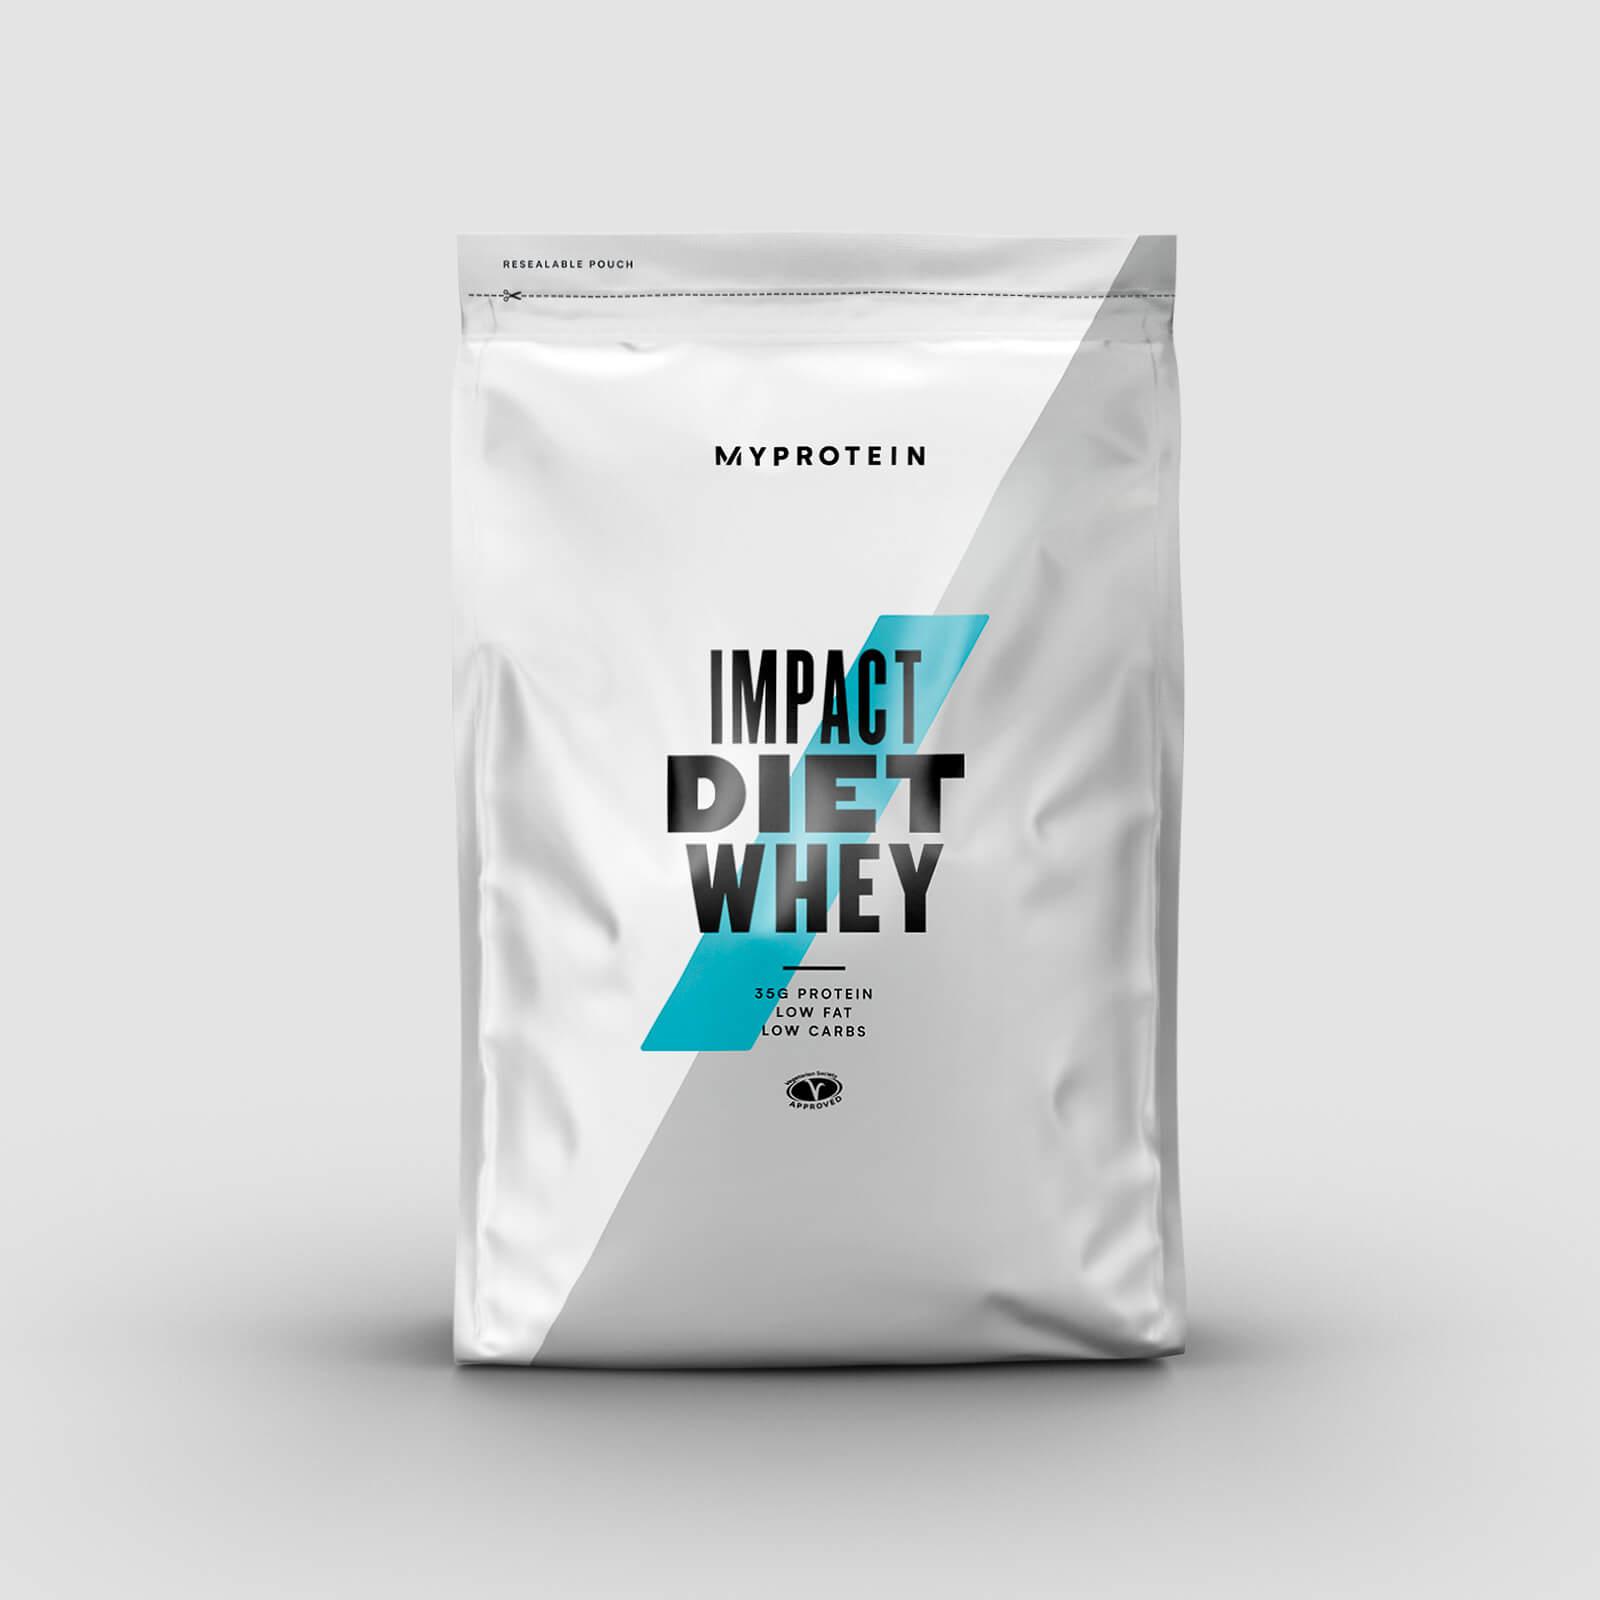 Myprotein Impact Diet Whey - 1kg - Cookies & Cream